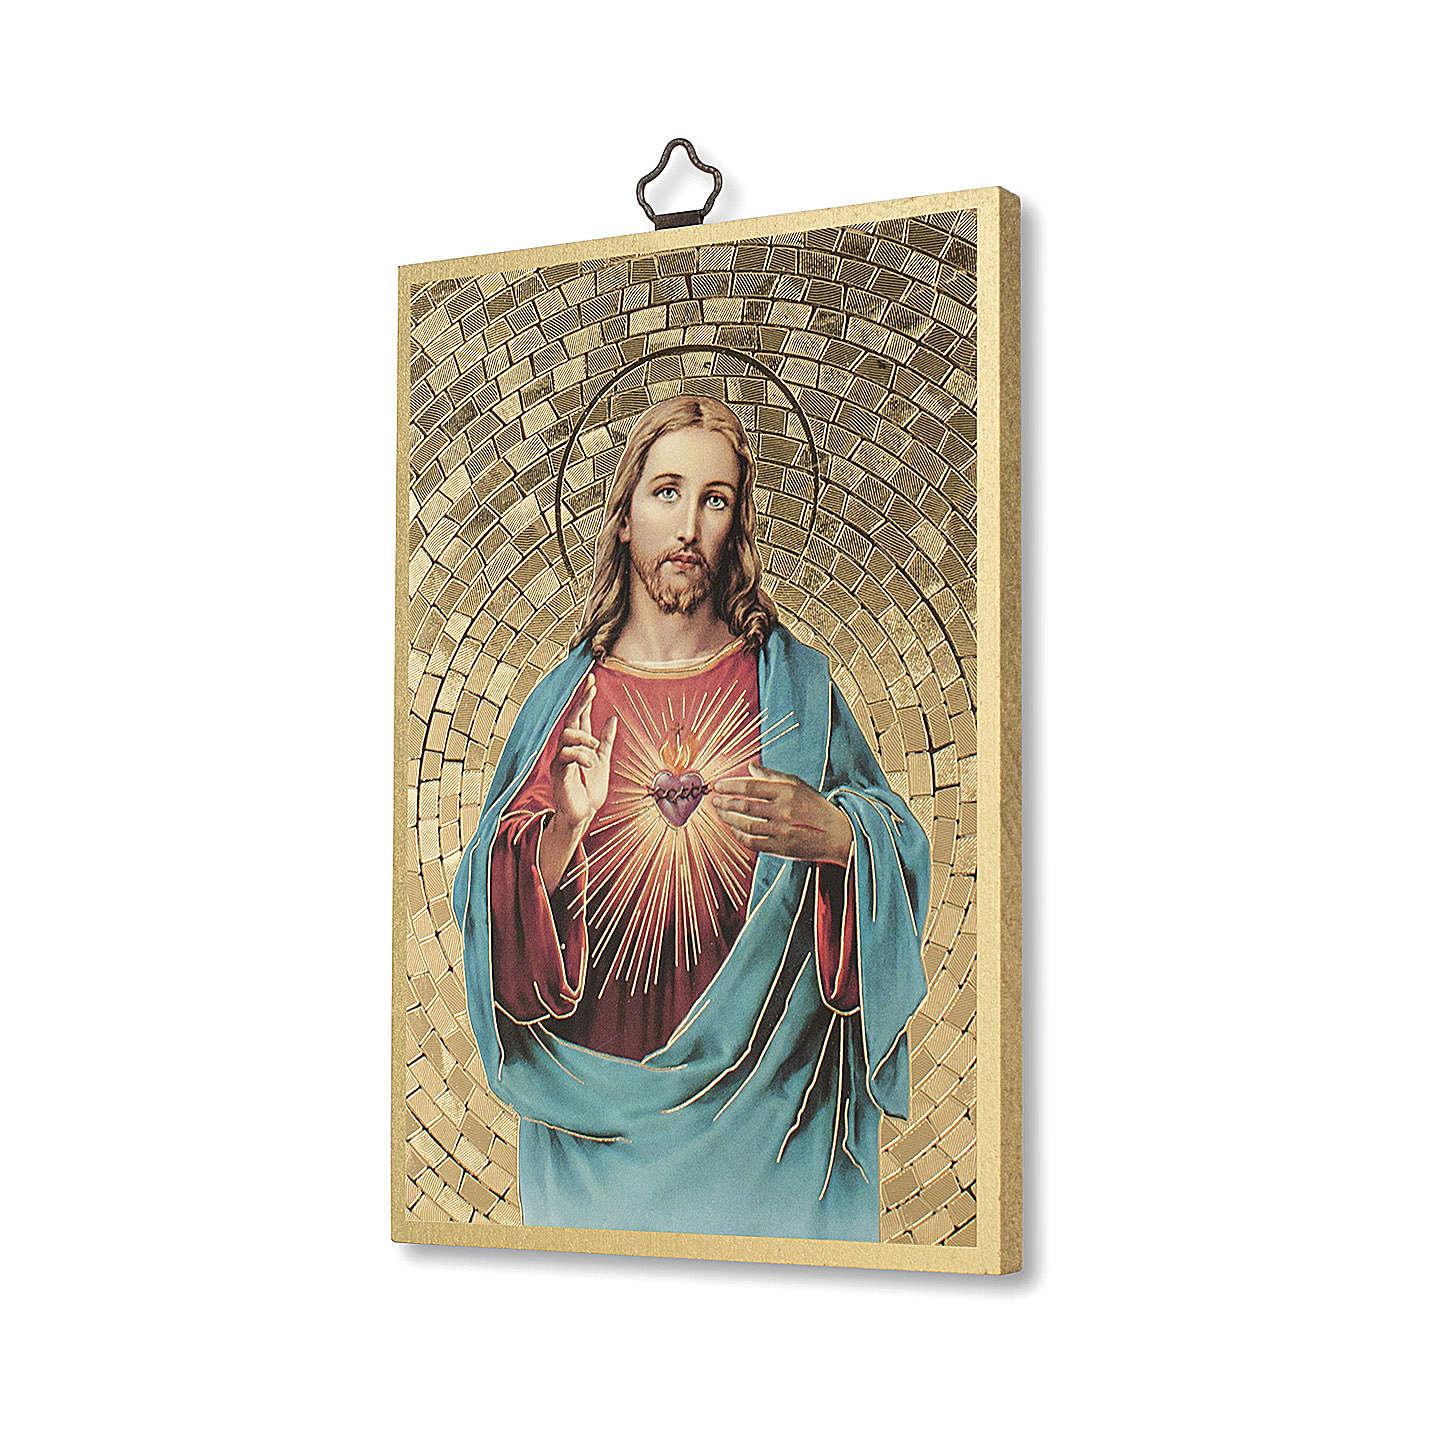 Stampa su legno Sacro Cuore di Gesù 3